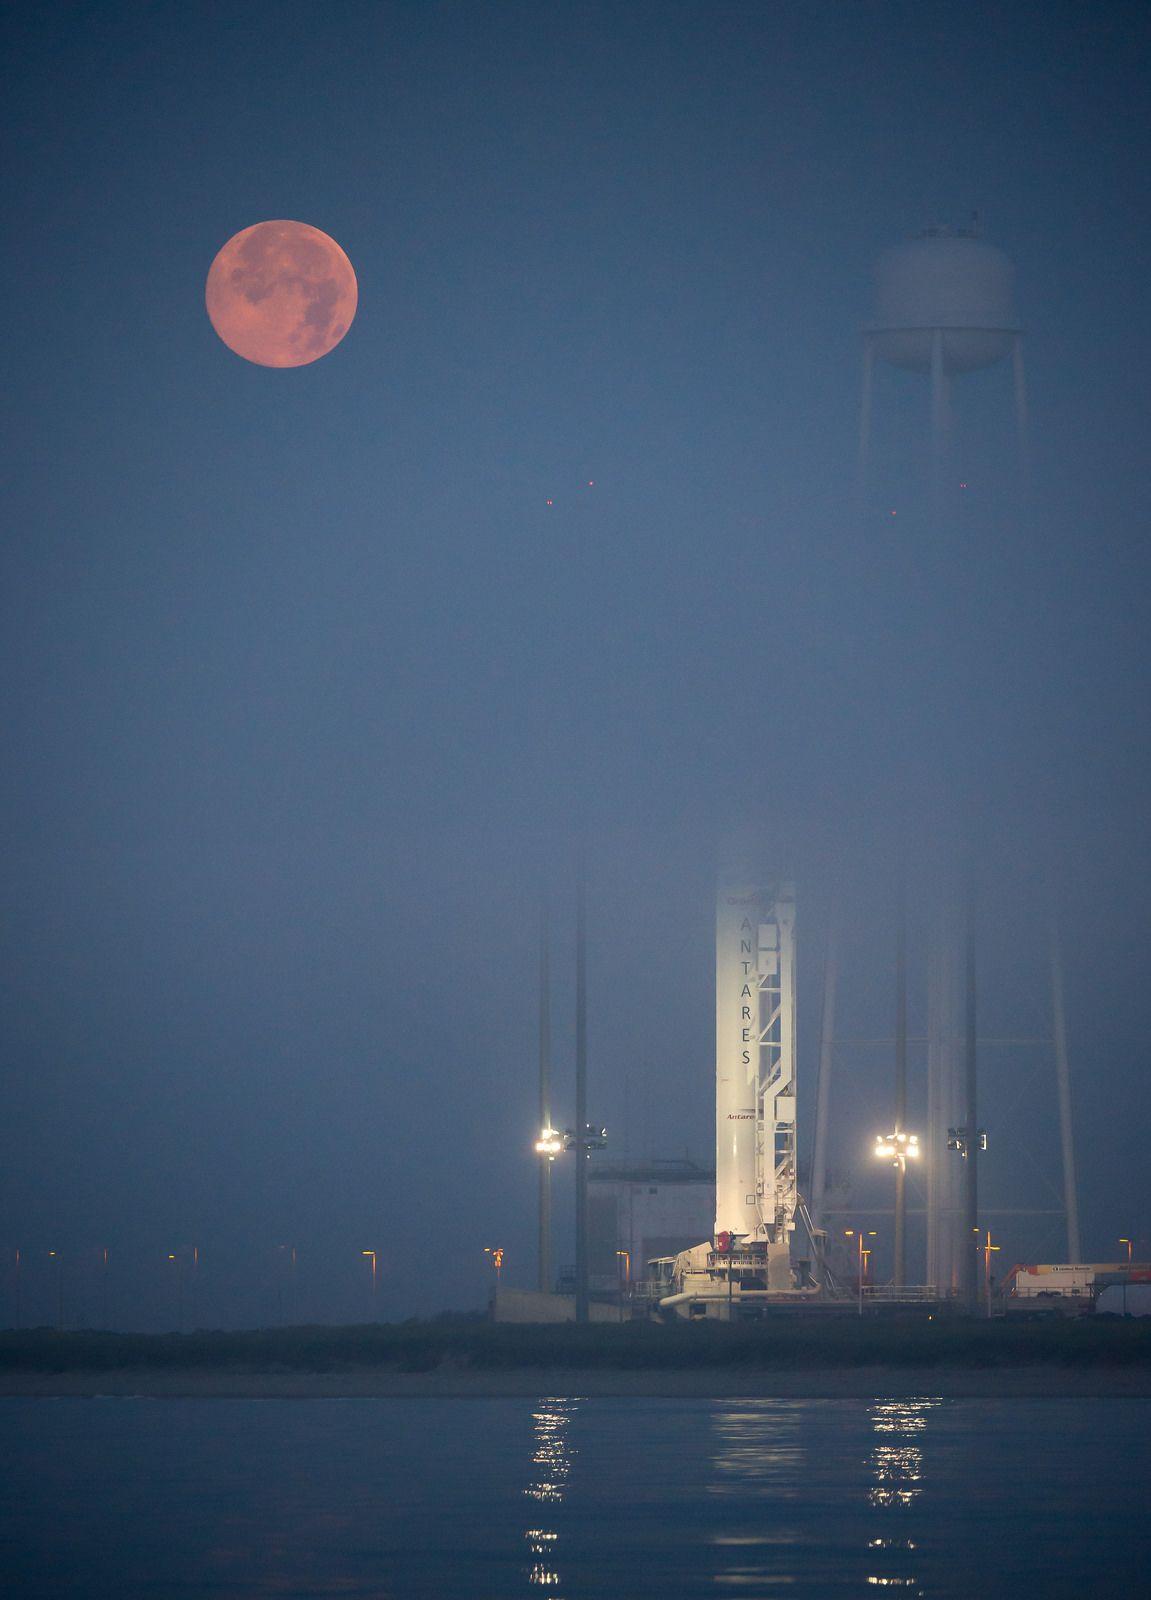 Orbital-2 Mission (201407120001HQ) | Flickr - Photo Sharing!